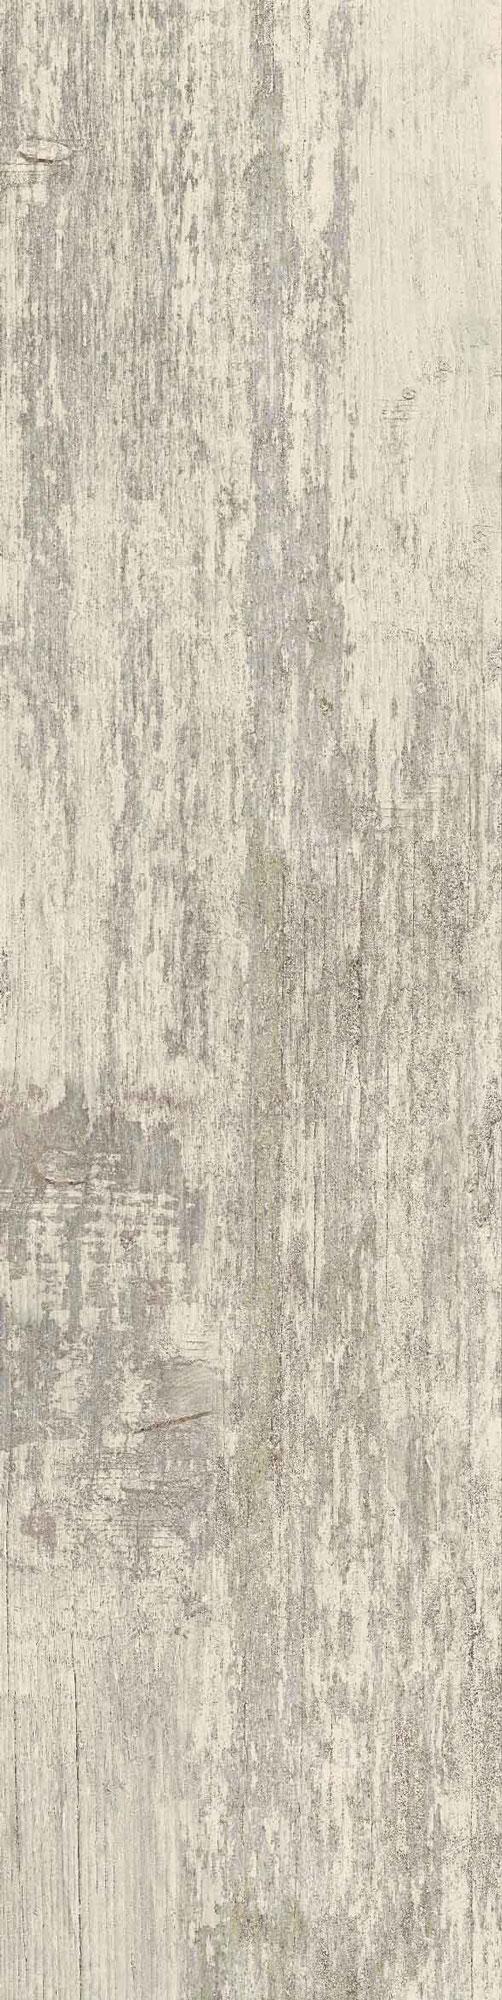 Напольная плитка Ceramika Konskie Modern wood pearl 15,5x62 (1,06) напольная плитка ceramika konskie quarzite bianca rekt lap 60x60 1 44